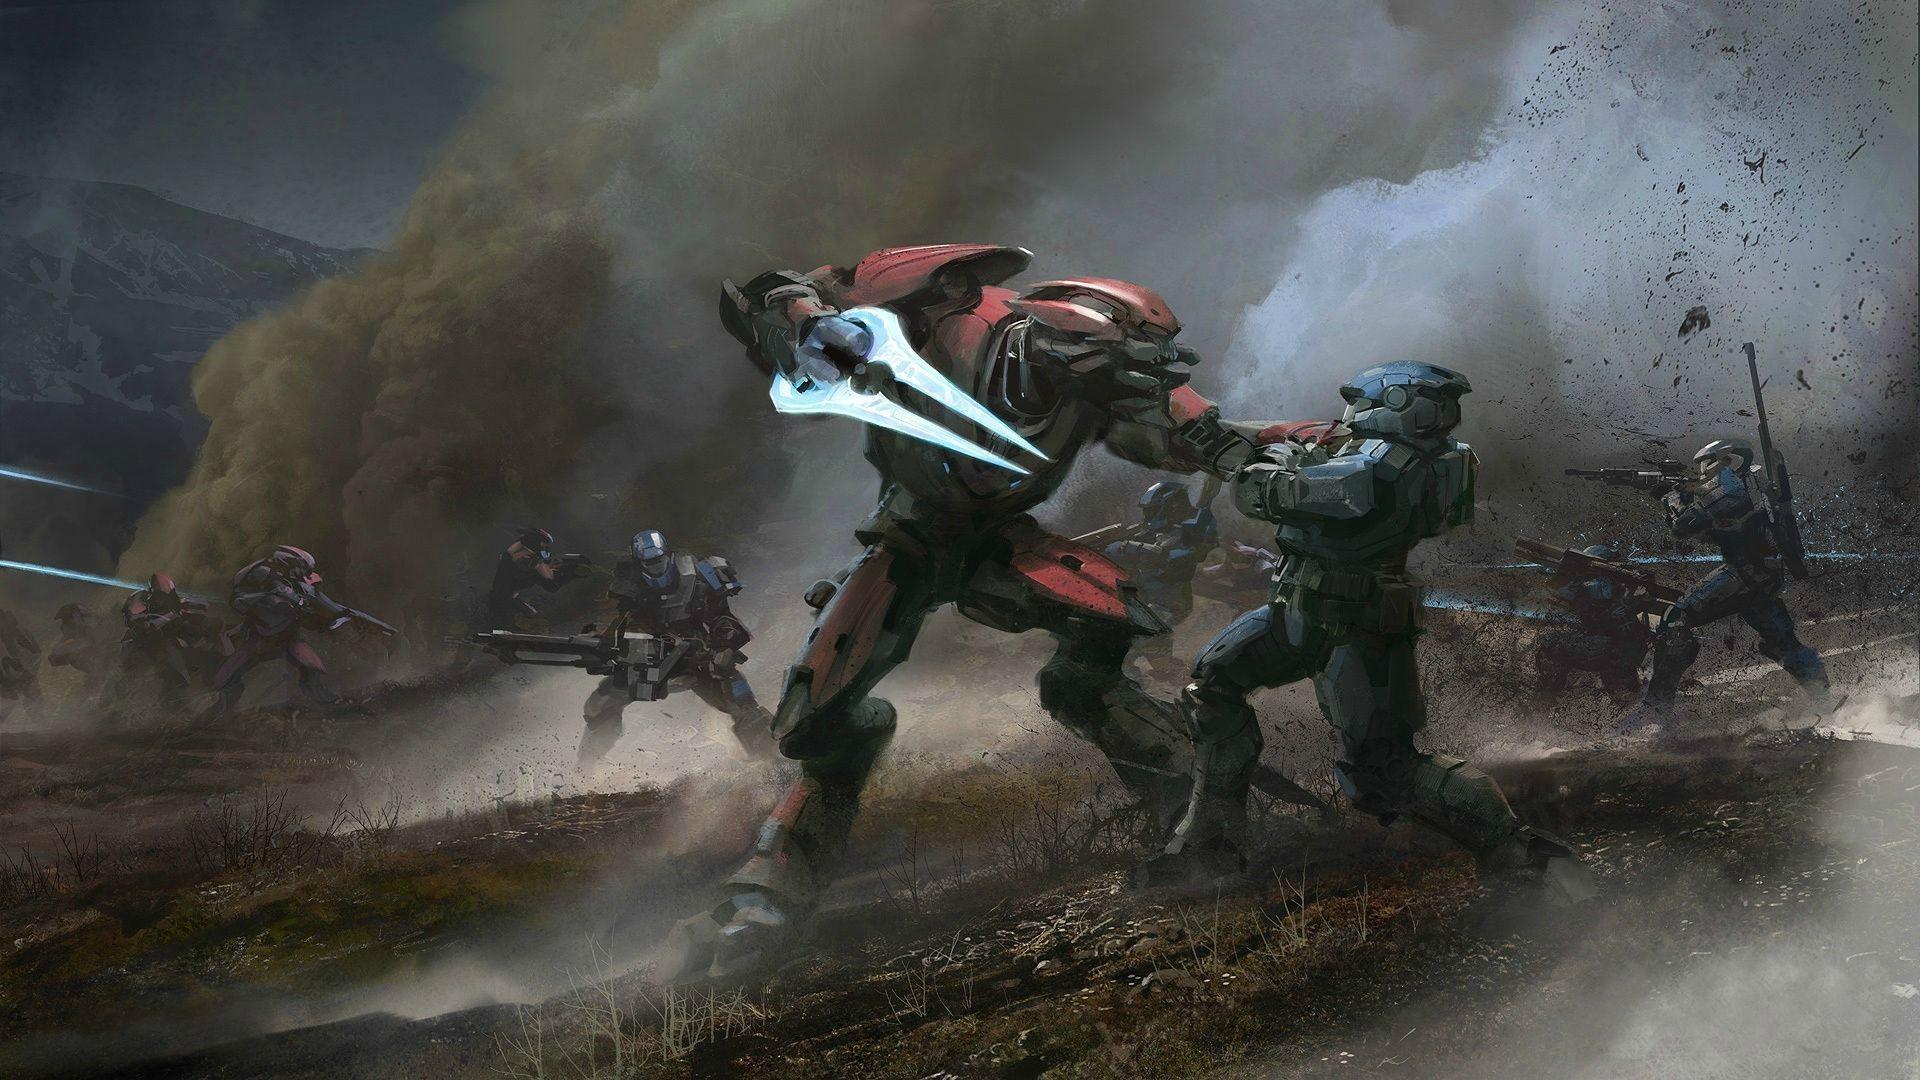 بازگشت مستر چیف در اولین ویدیو از گیمپلی نسخه پی سی Halo: Reach